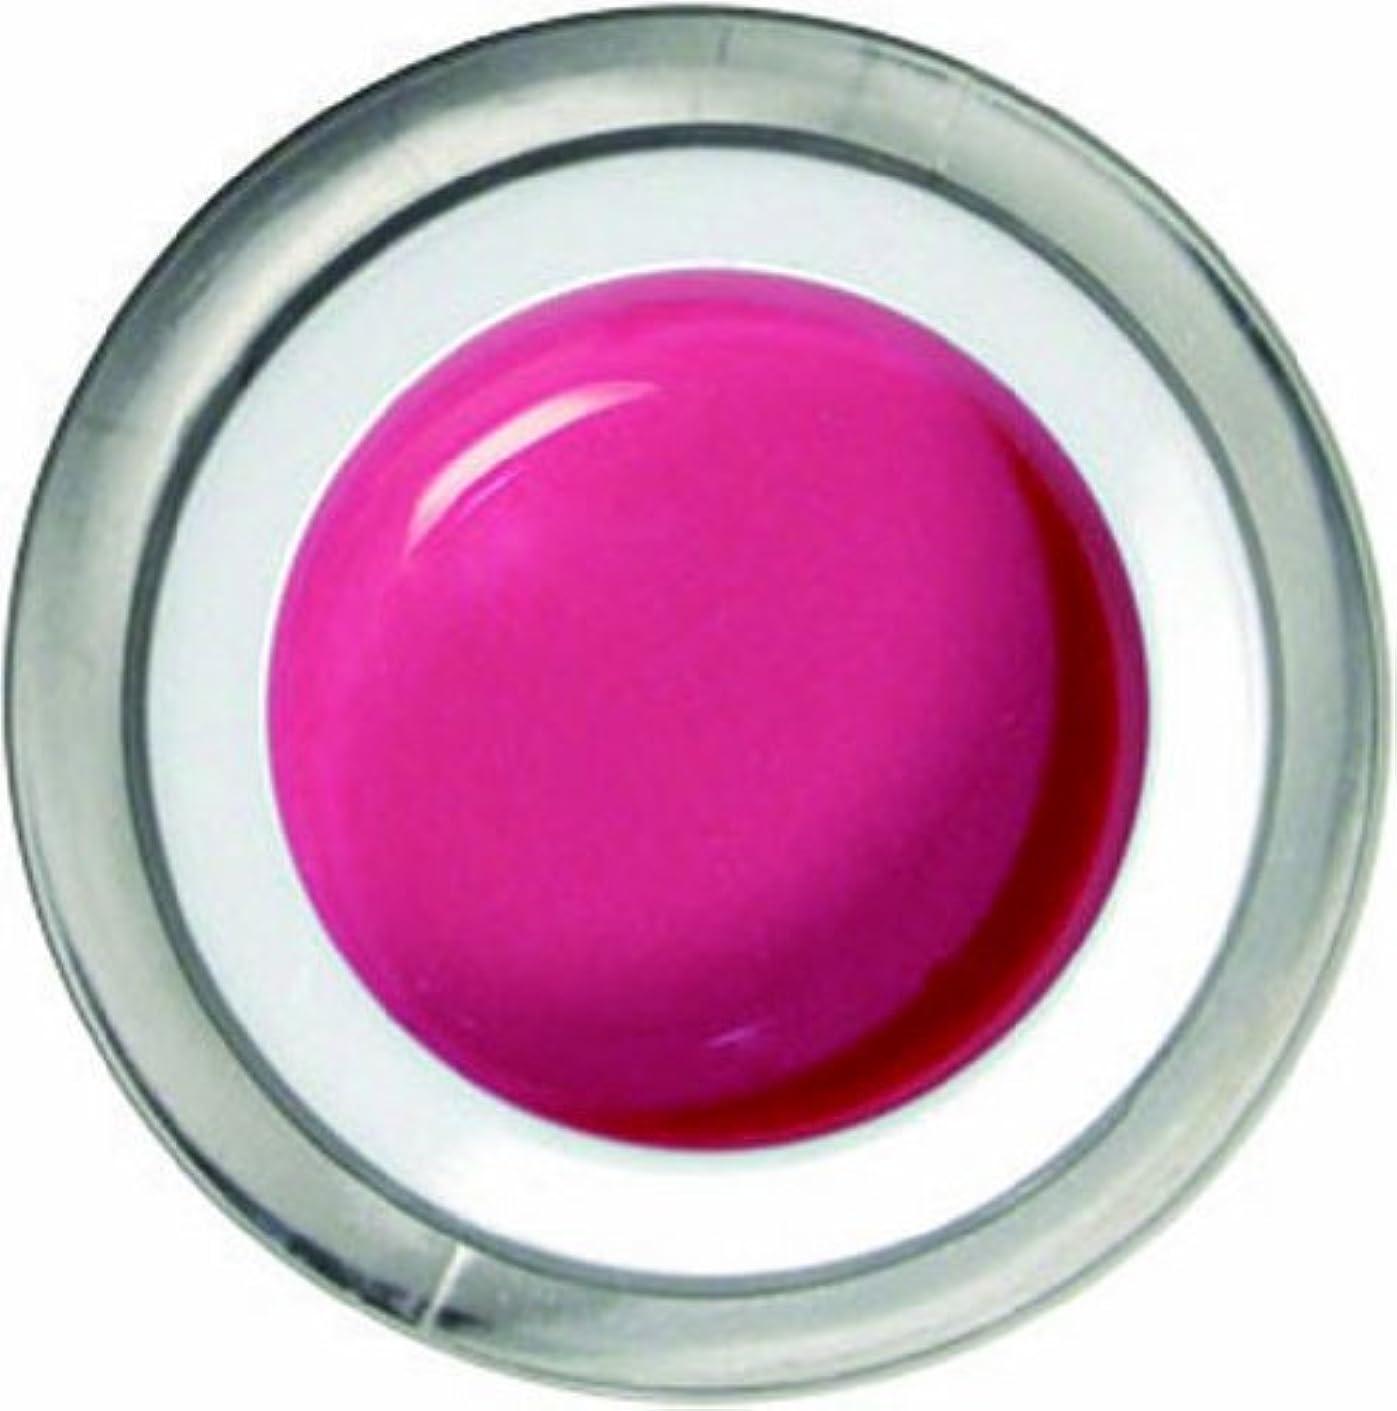 輝度ピーブサーマルメロディコ メロディコジェル #08プリンセスピンク